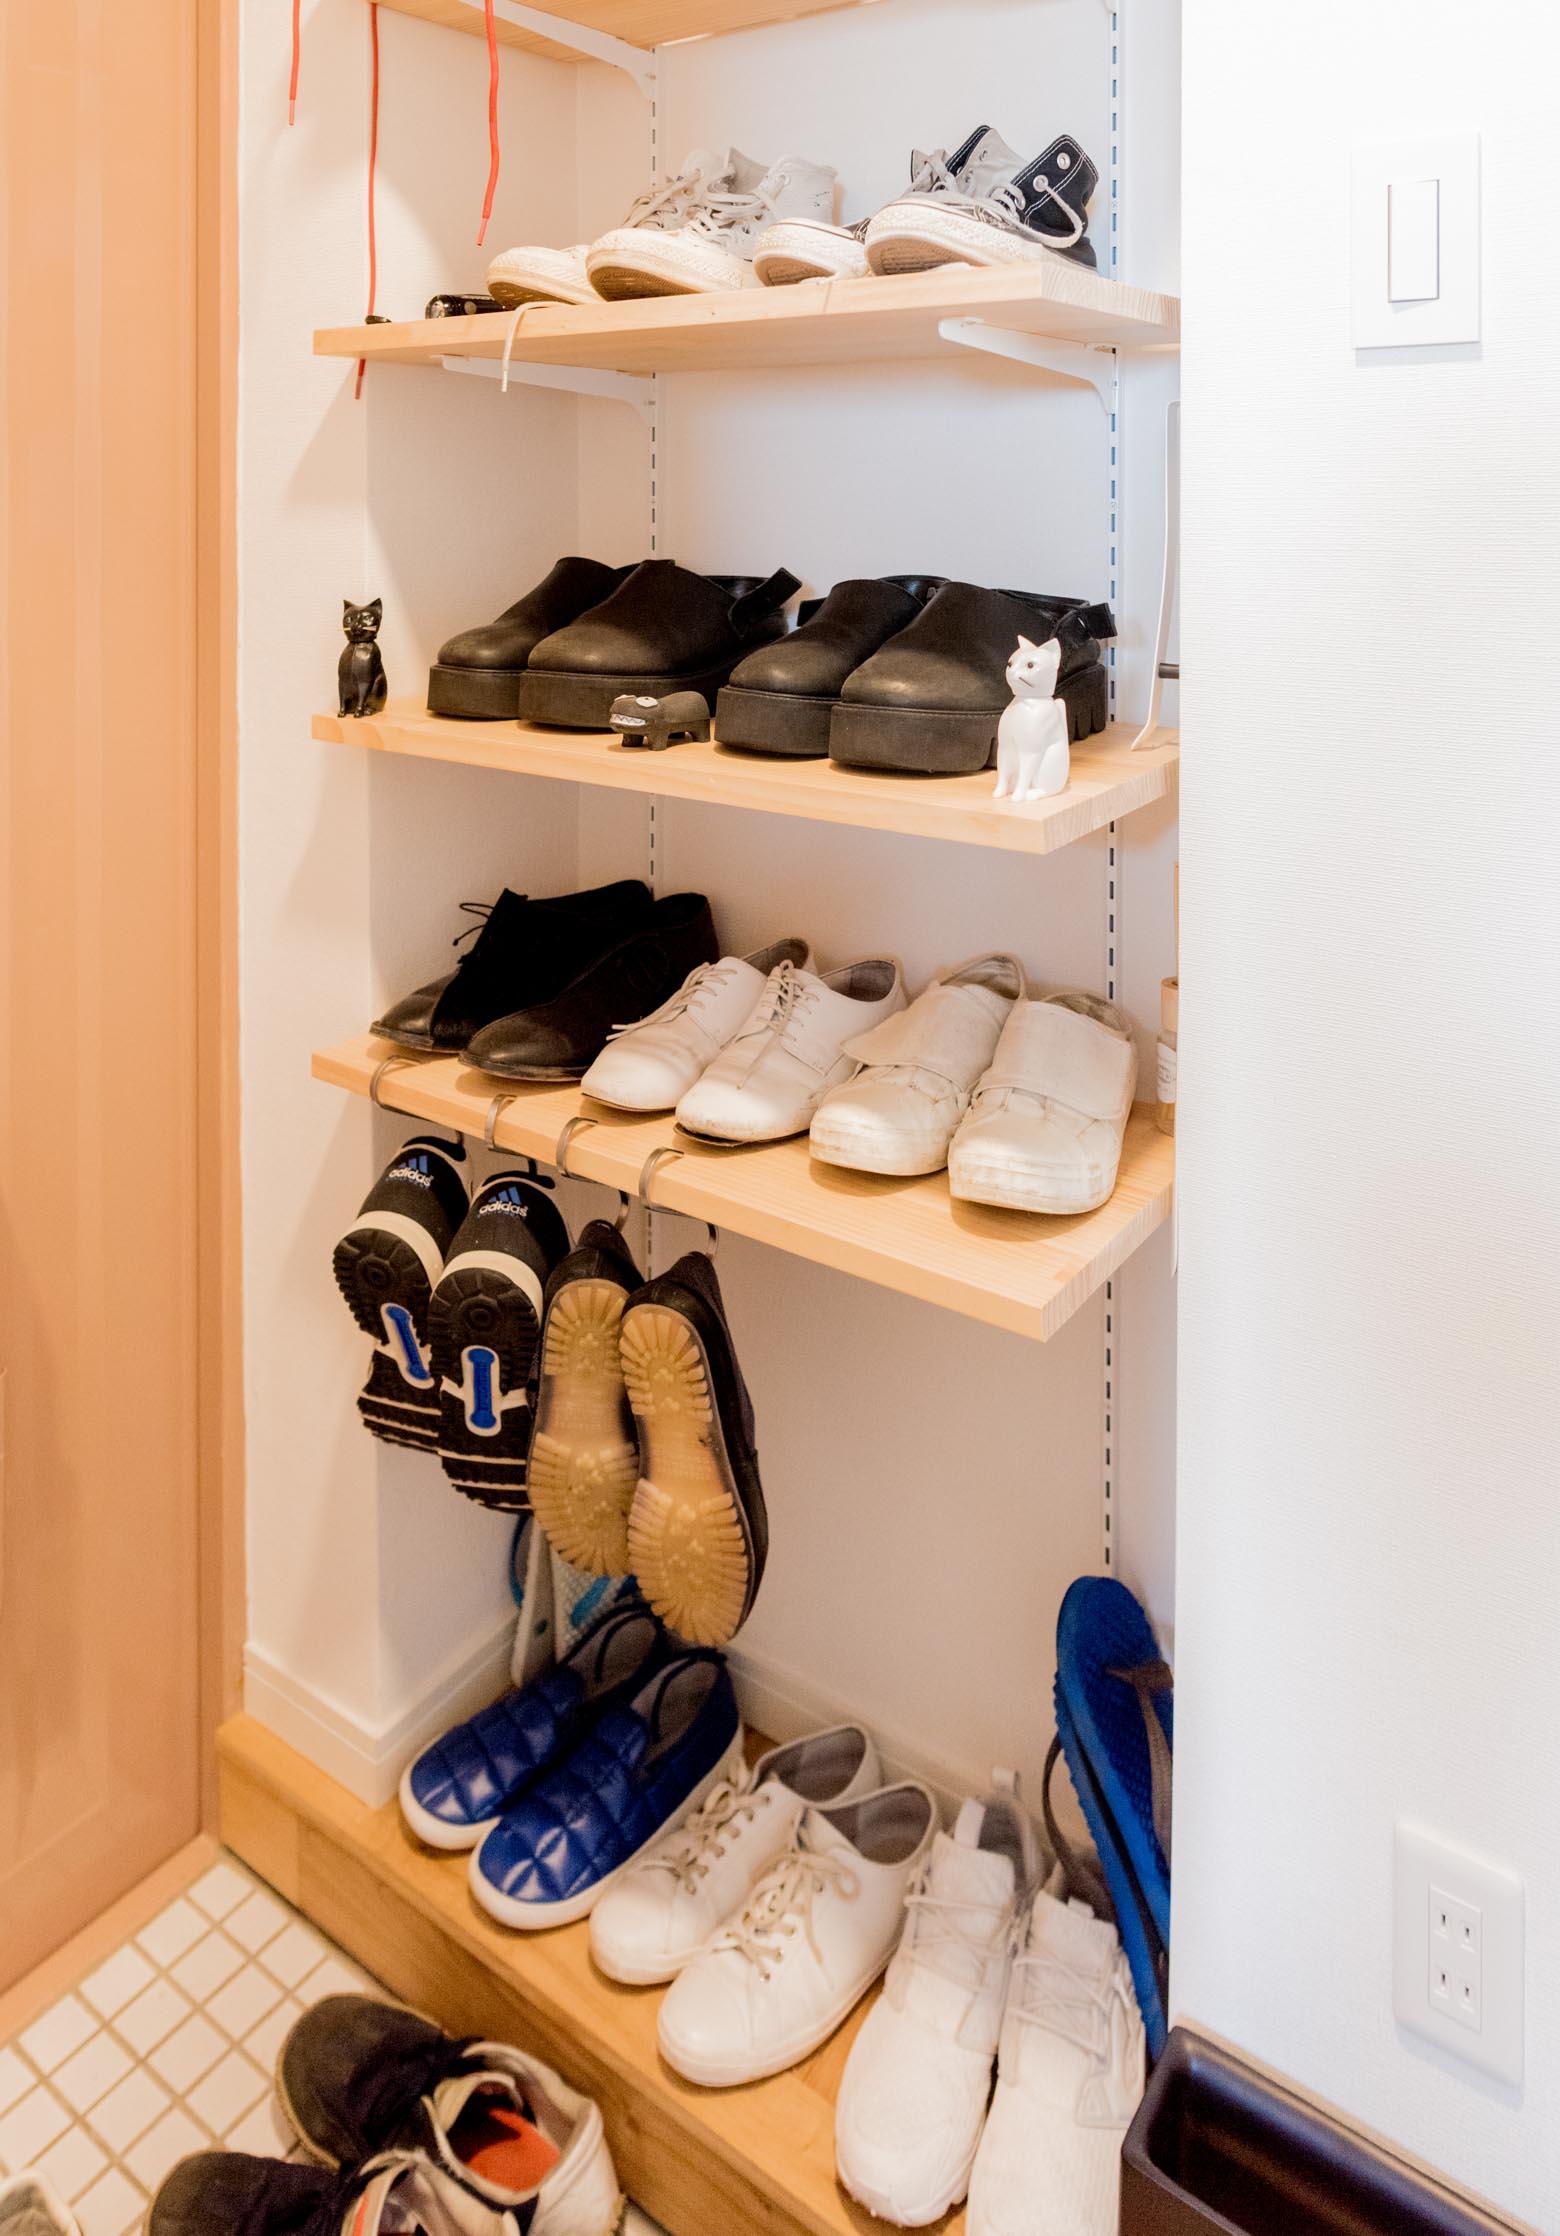 「いろいろお揃いにしてます」玄関を見ると、靴も2組セットだ。